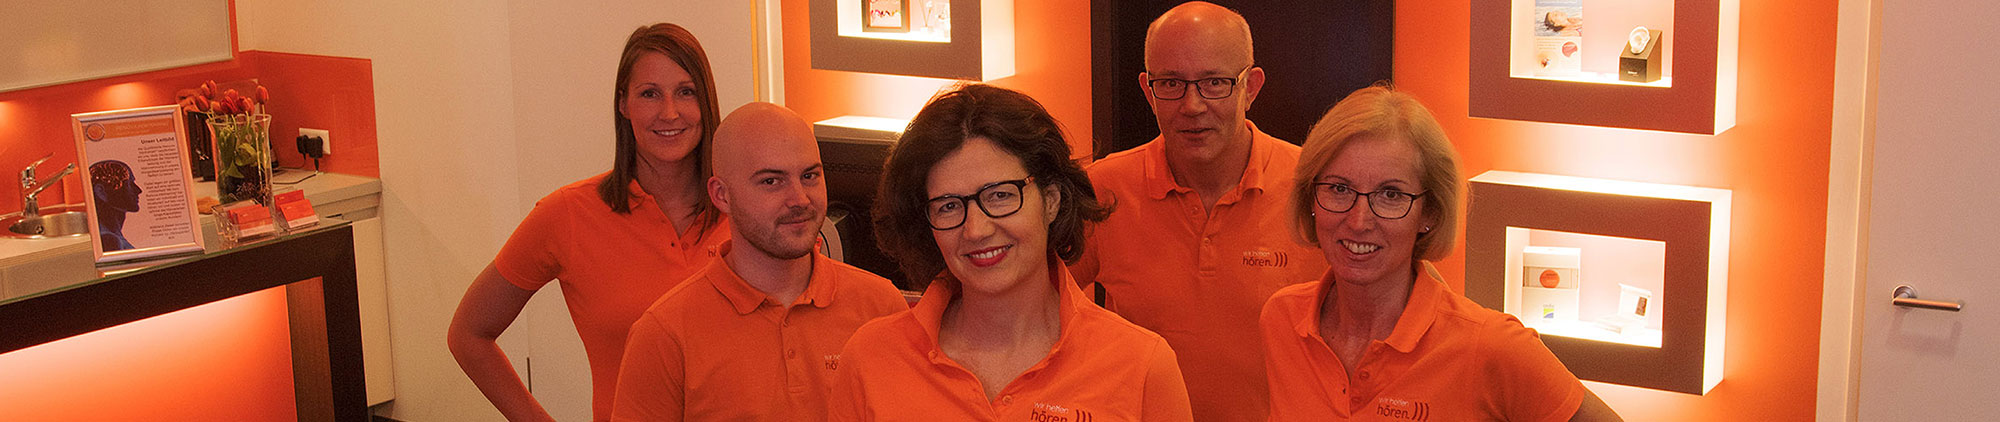 Hörstudio Team